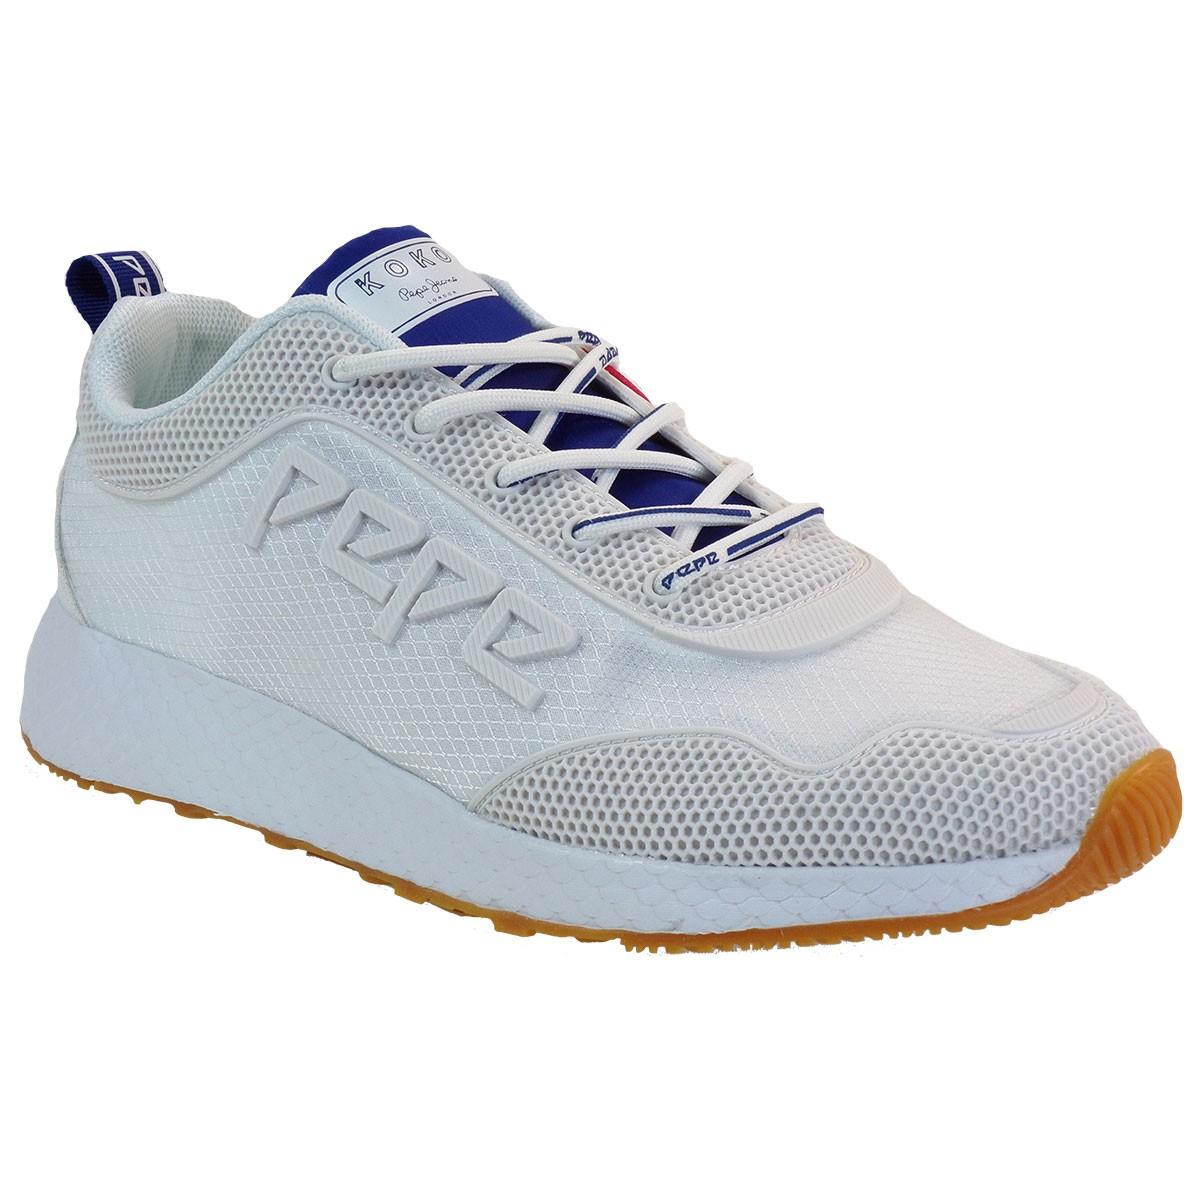 pepe jeans gynaikeia papoystia sneakers pls30998 leuko www.bagiotashoes.gr